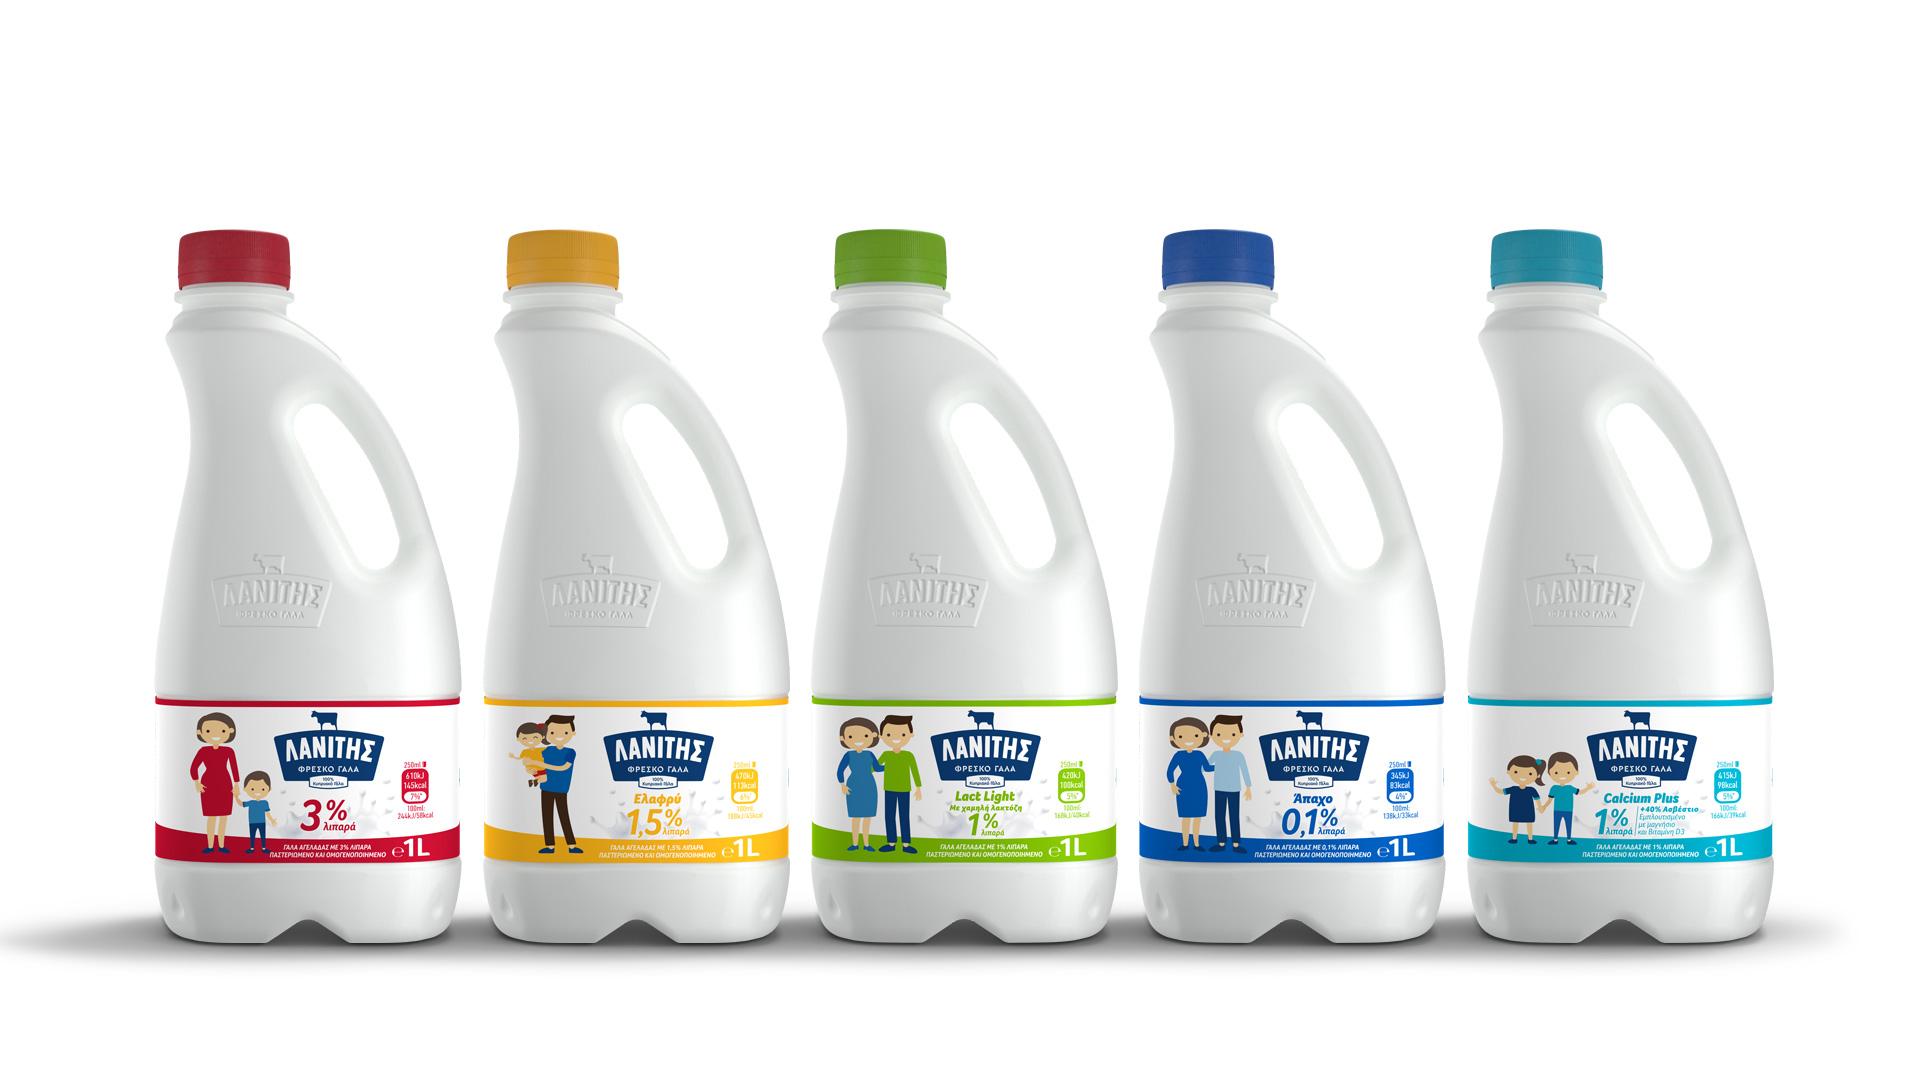 Lanitis Milk Bottles 1lt range